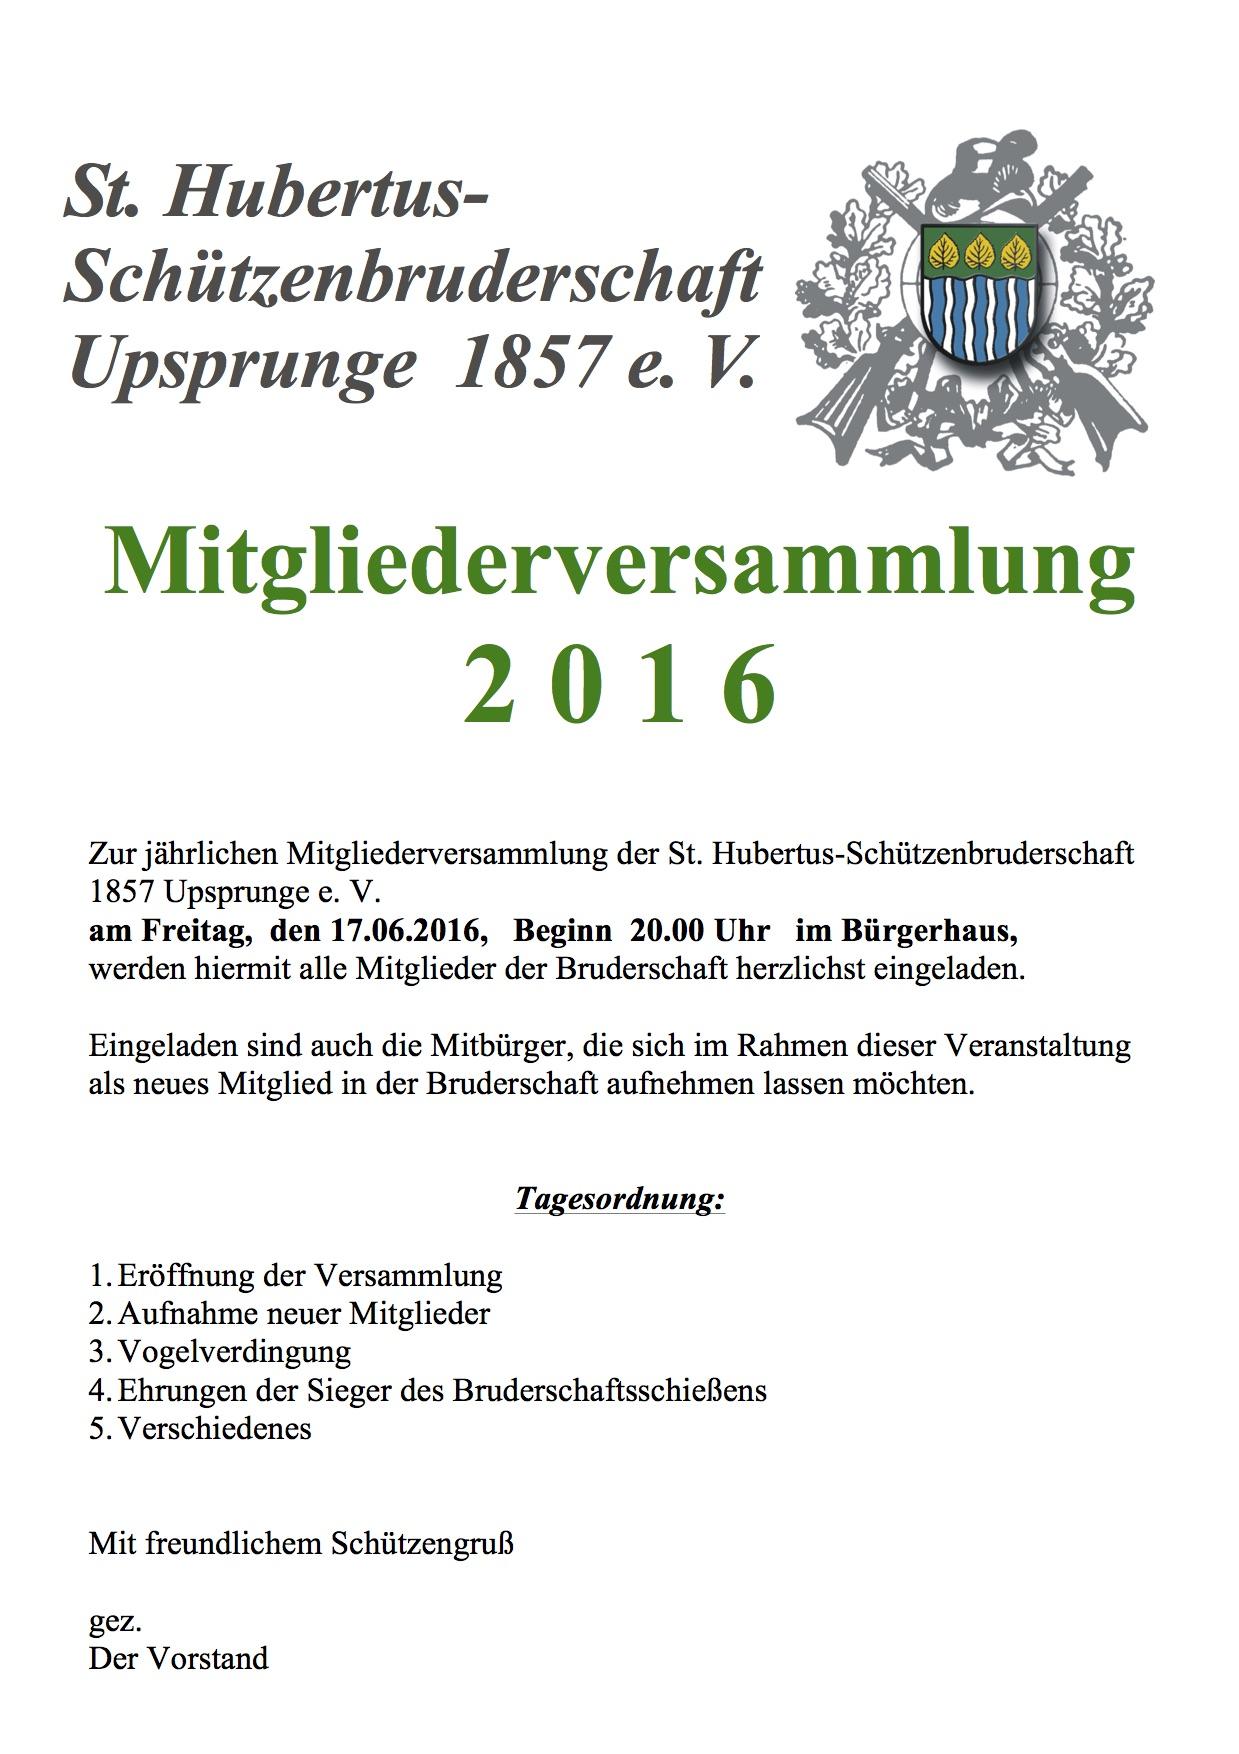 Mitgliederversammlung Einladung 2016 Kopie